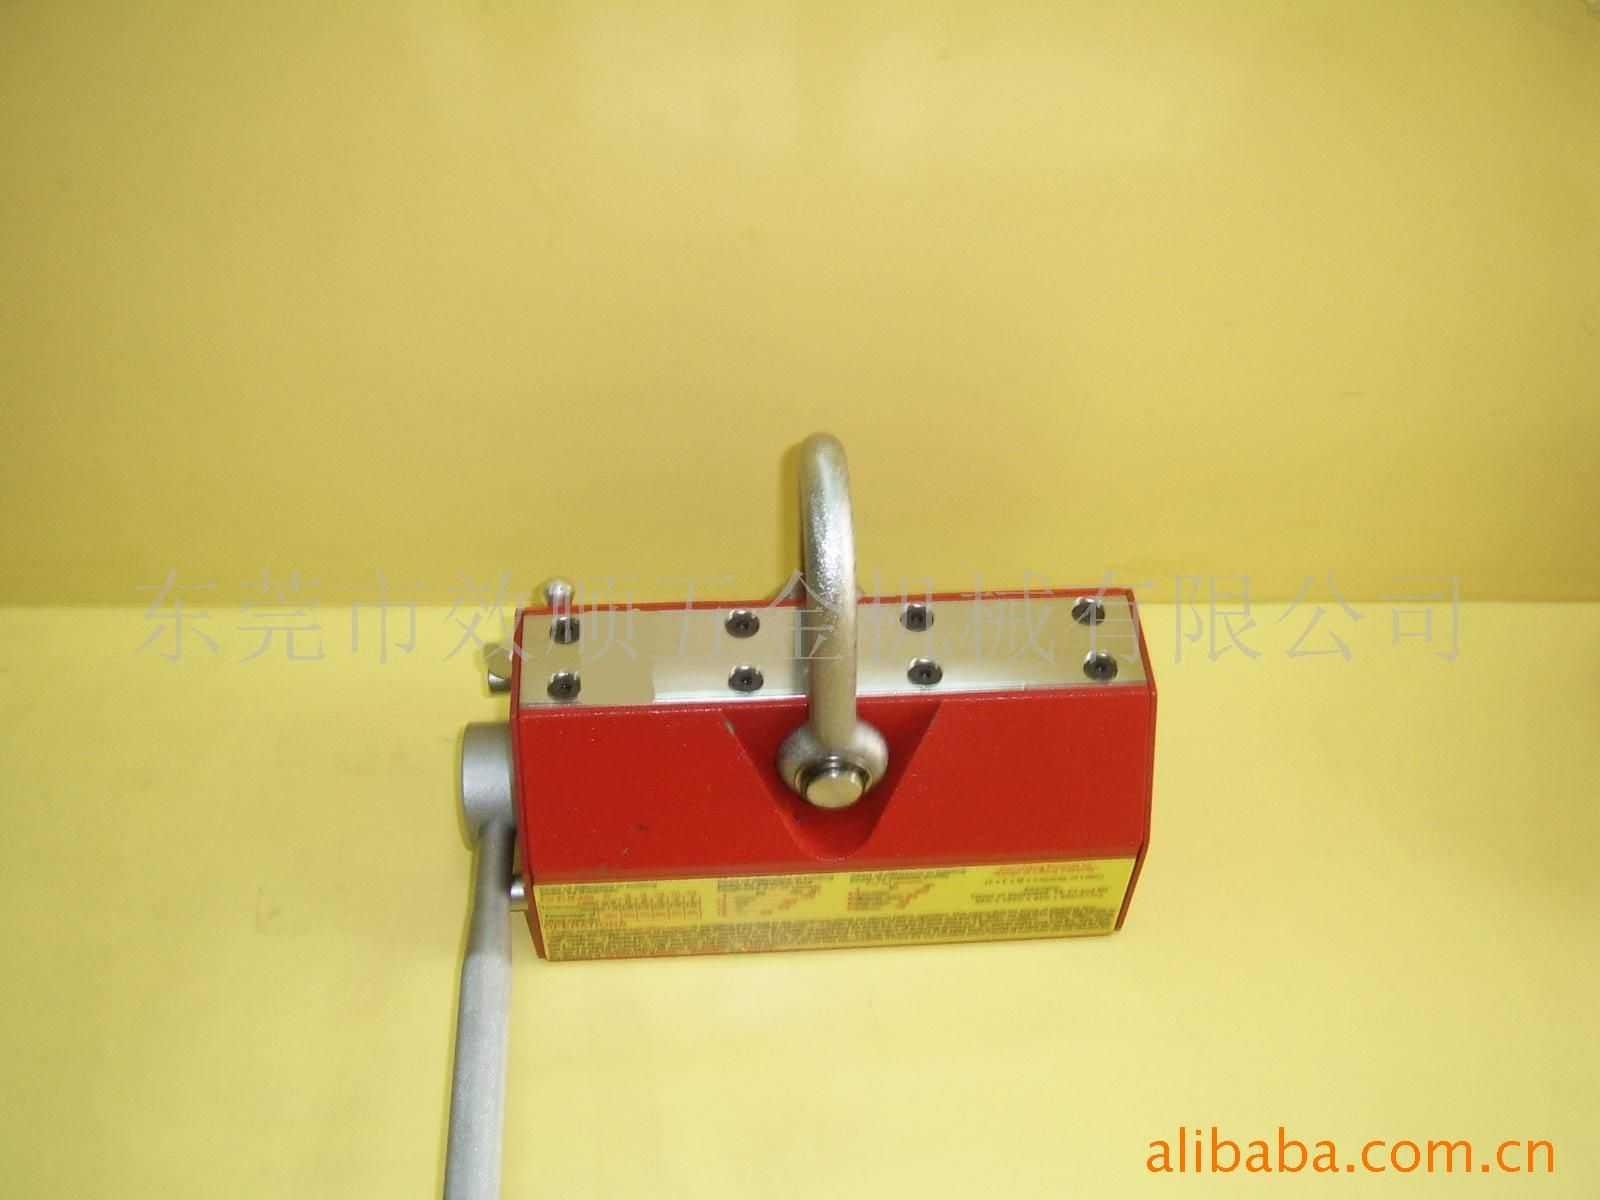 台湾ELM-3000永磁吊盘/磁力吸盘